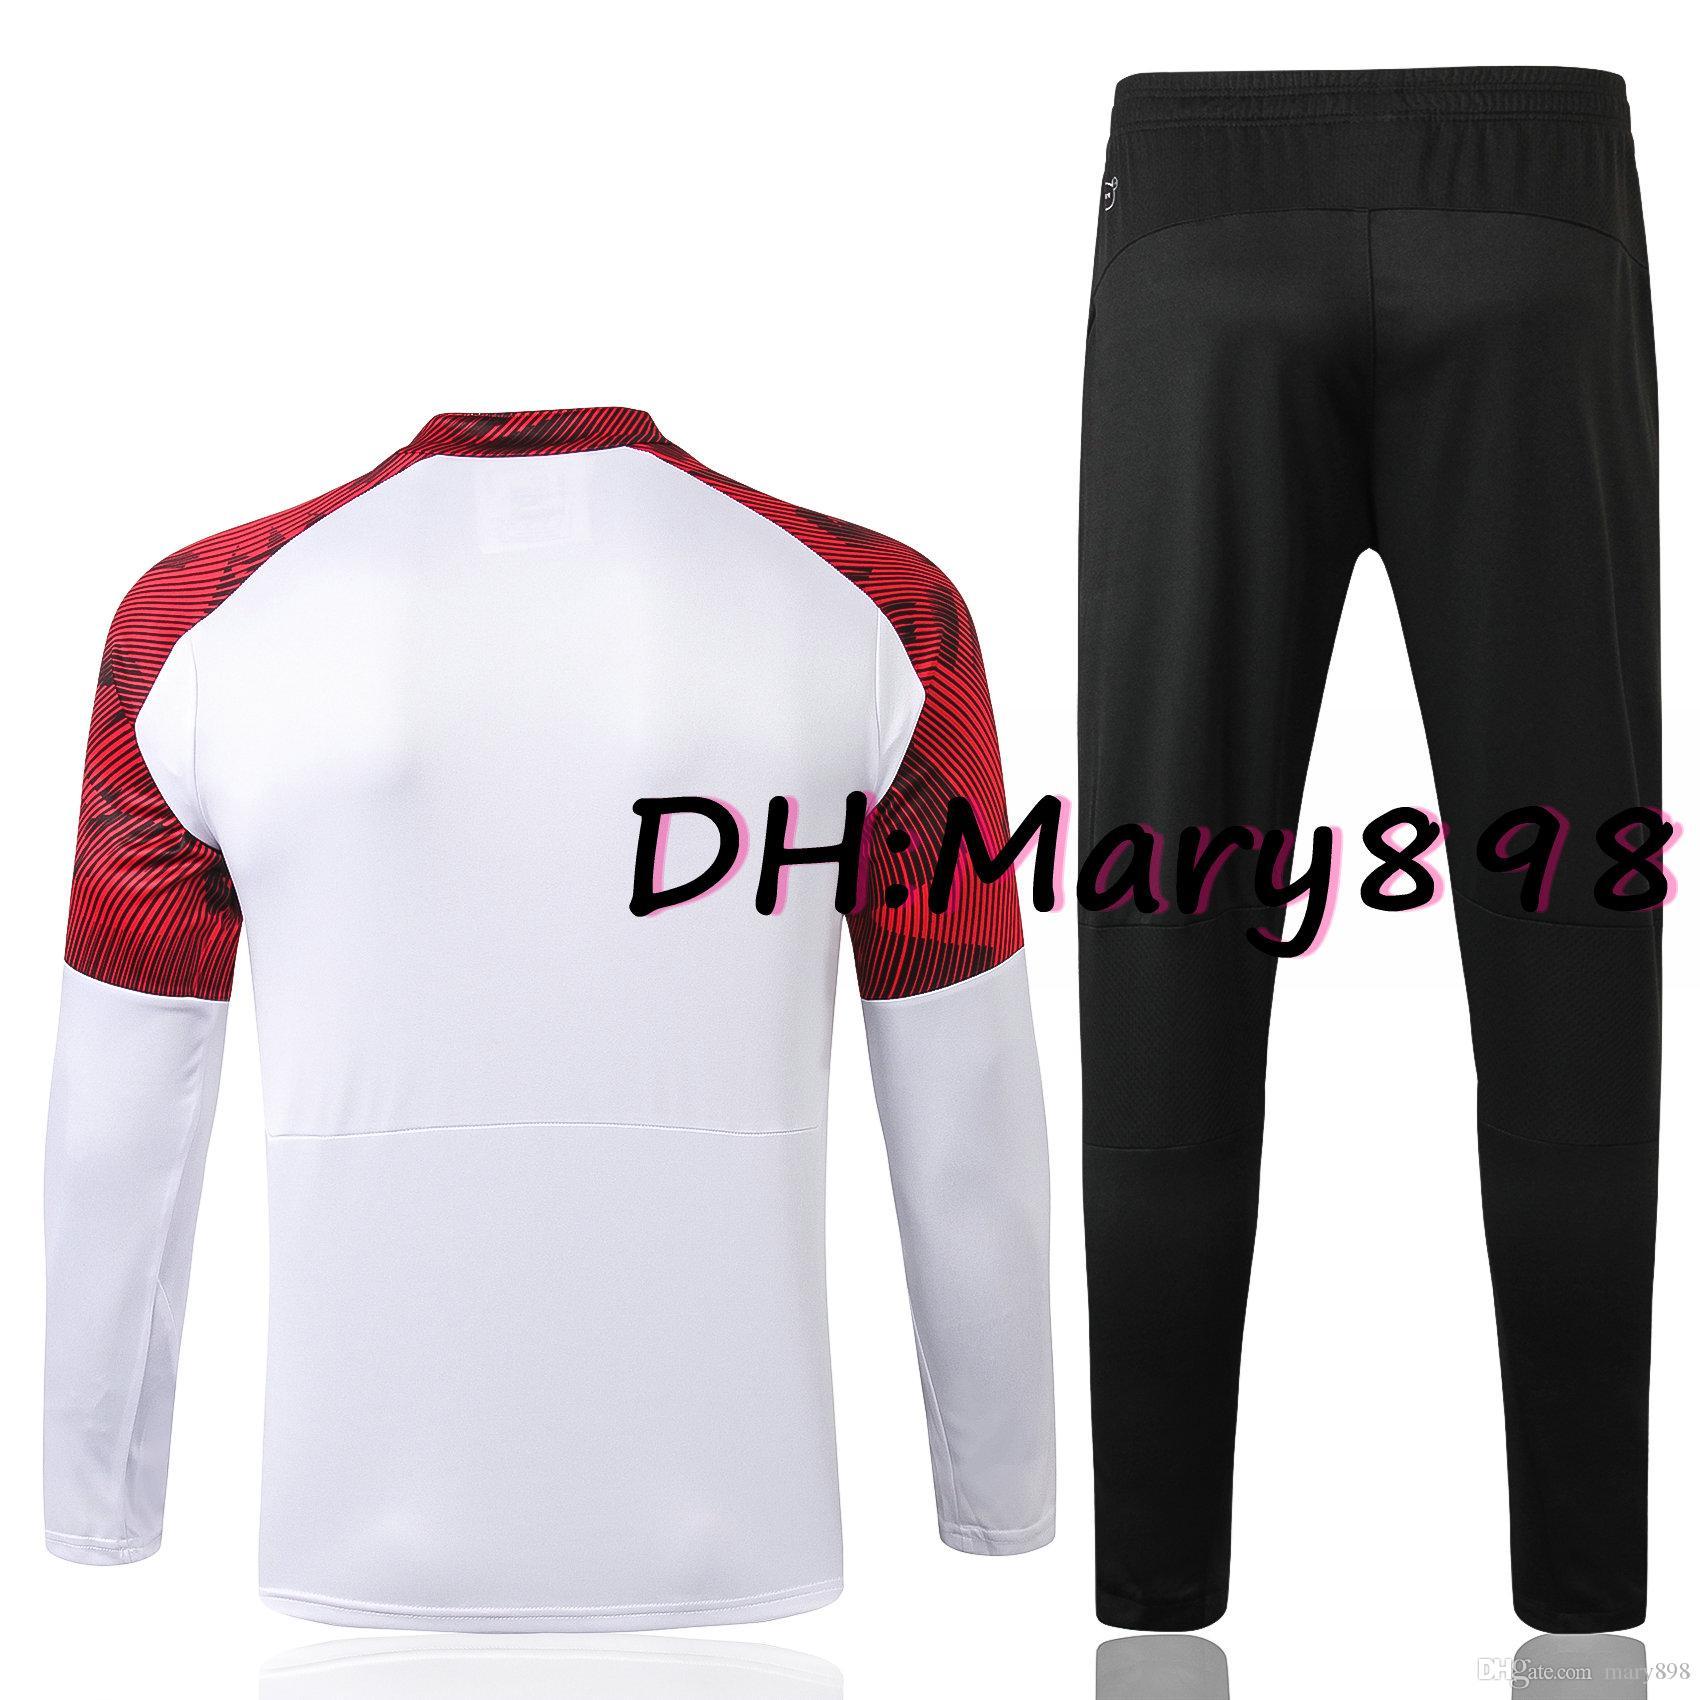 Alle Herren-Fußball-Jersey Trainingsanzug kits / custom Name und Nummer / müssen Anfrage kontaktieren, ob Inventar